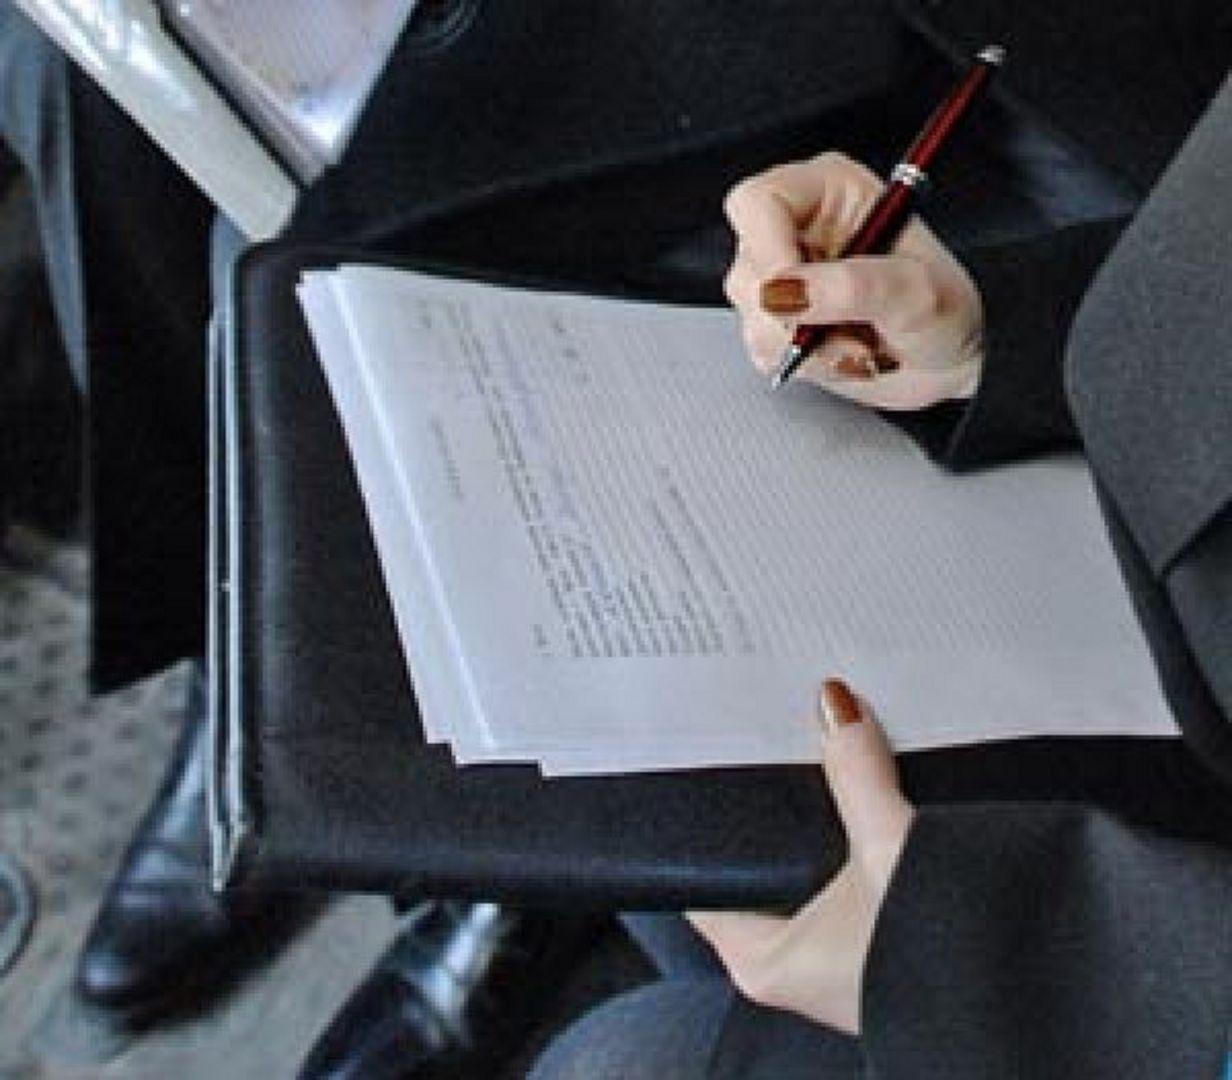 Инспектора «Ставропольэнерго» задержали за мошенничество с поличным